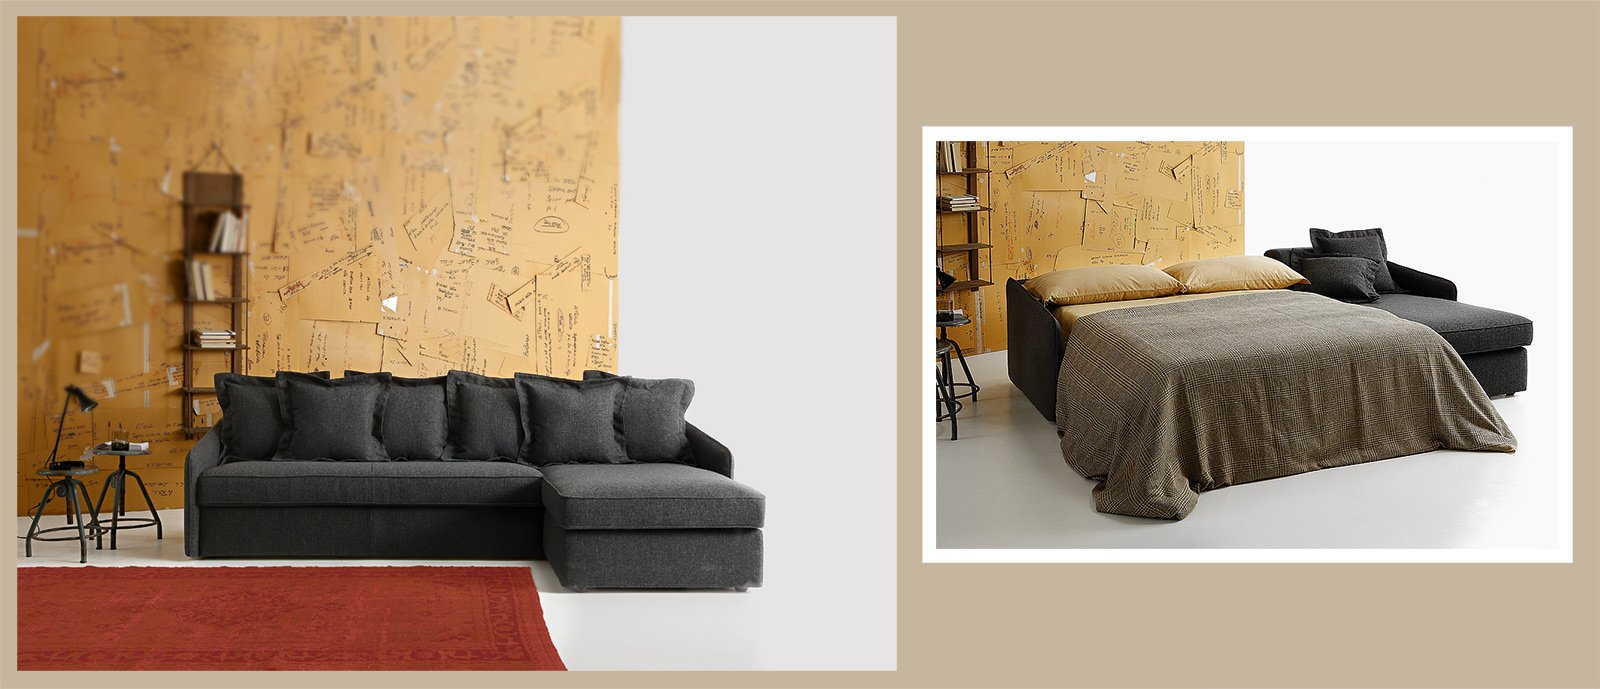 Divano o letto? Imbottiti trasformabili - Cose di Casa